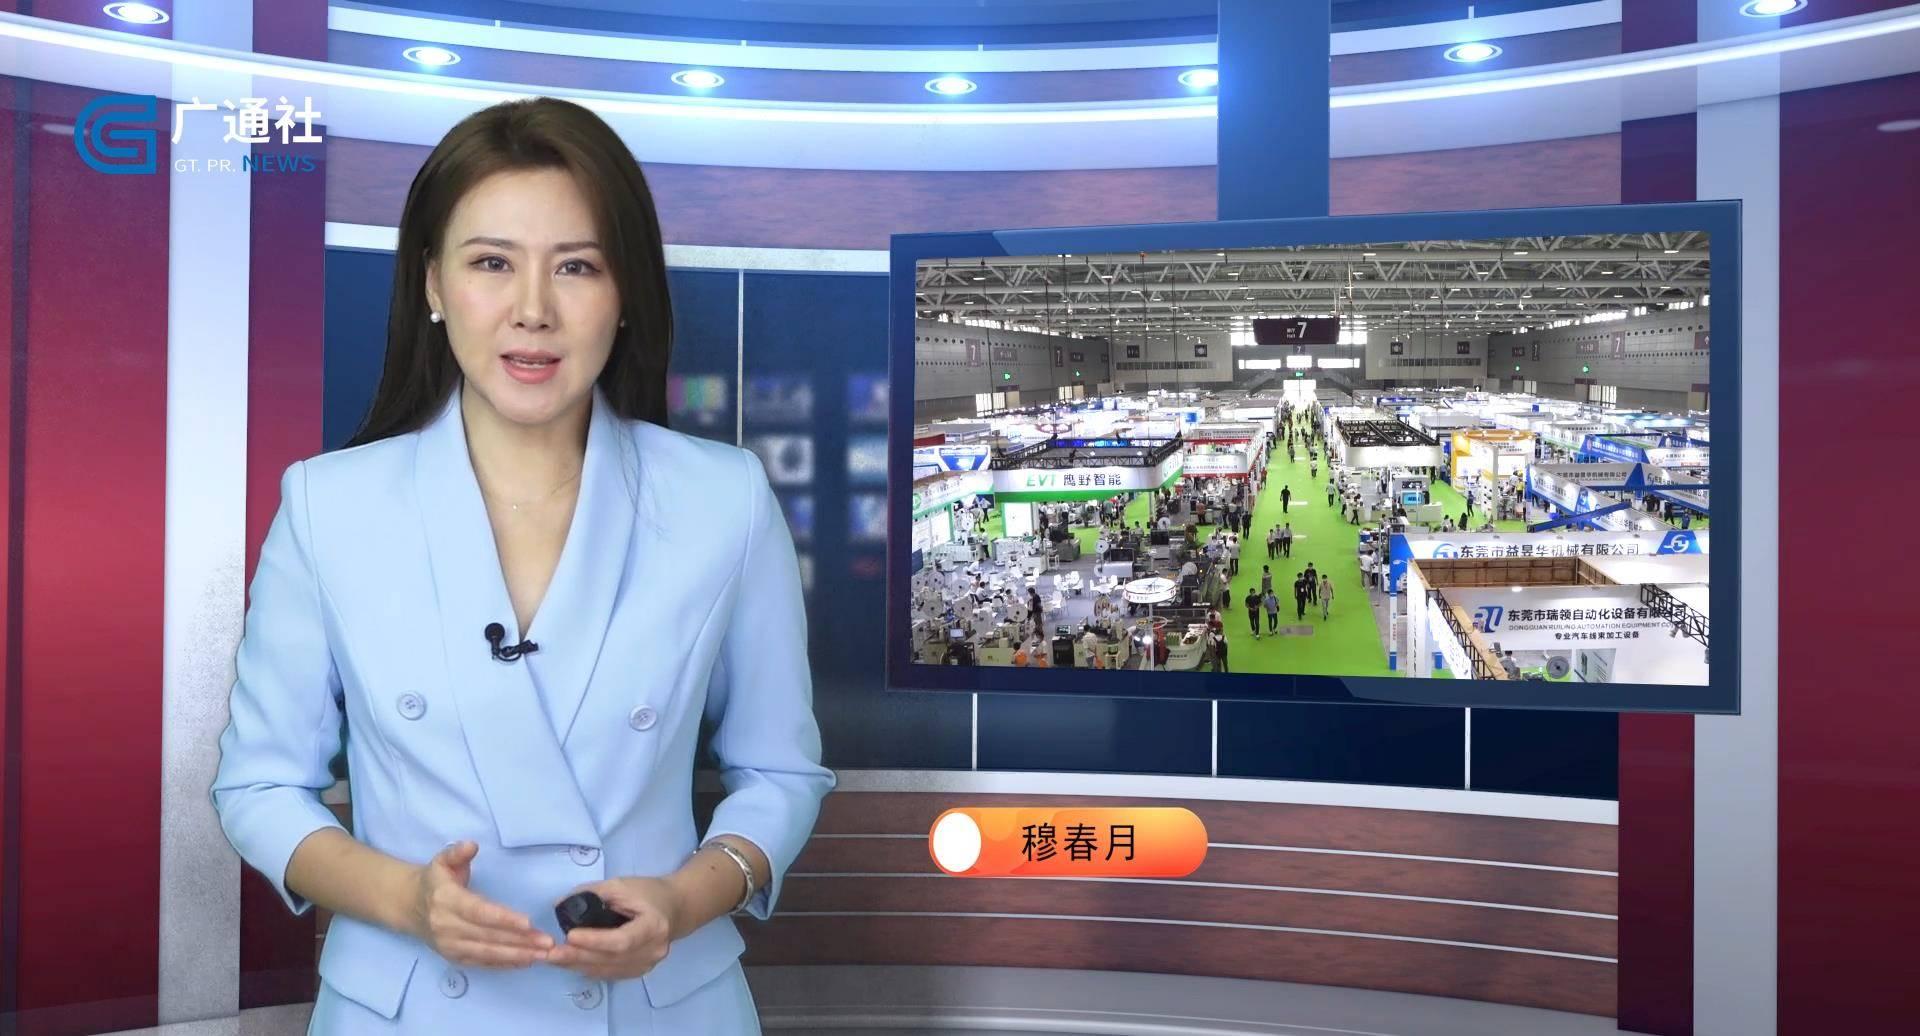 广东新焦点报道广东电视台播出—东莞市富艺自动化设备有限公司